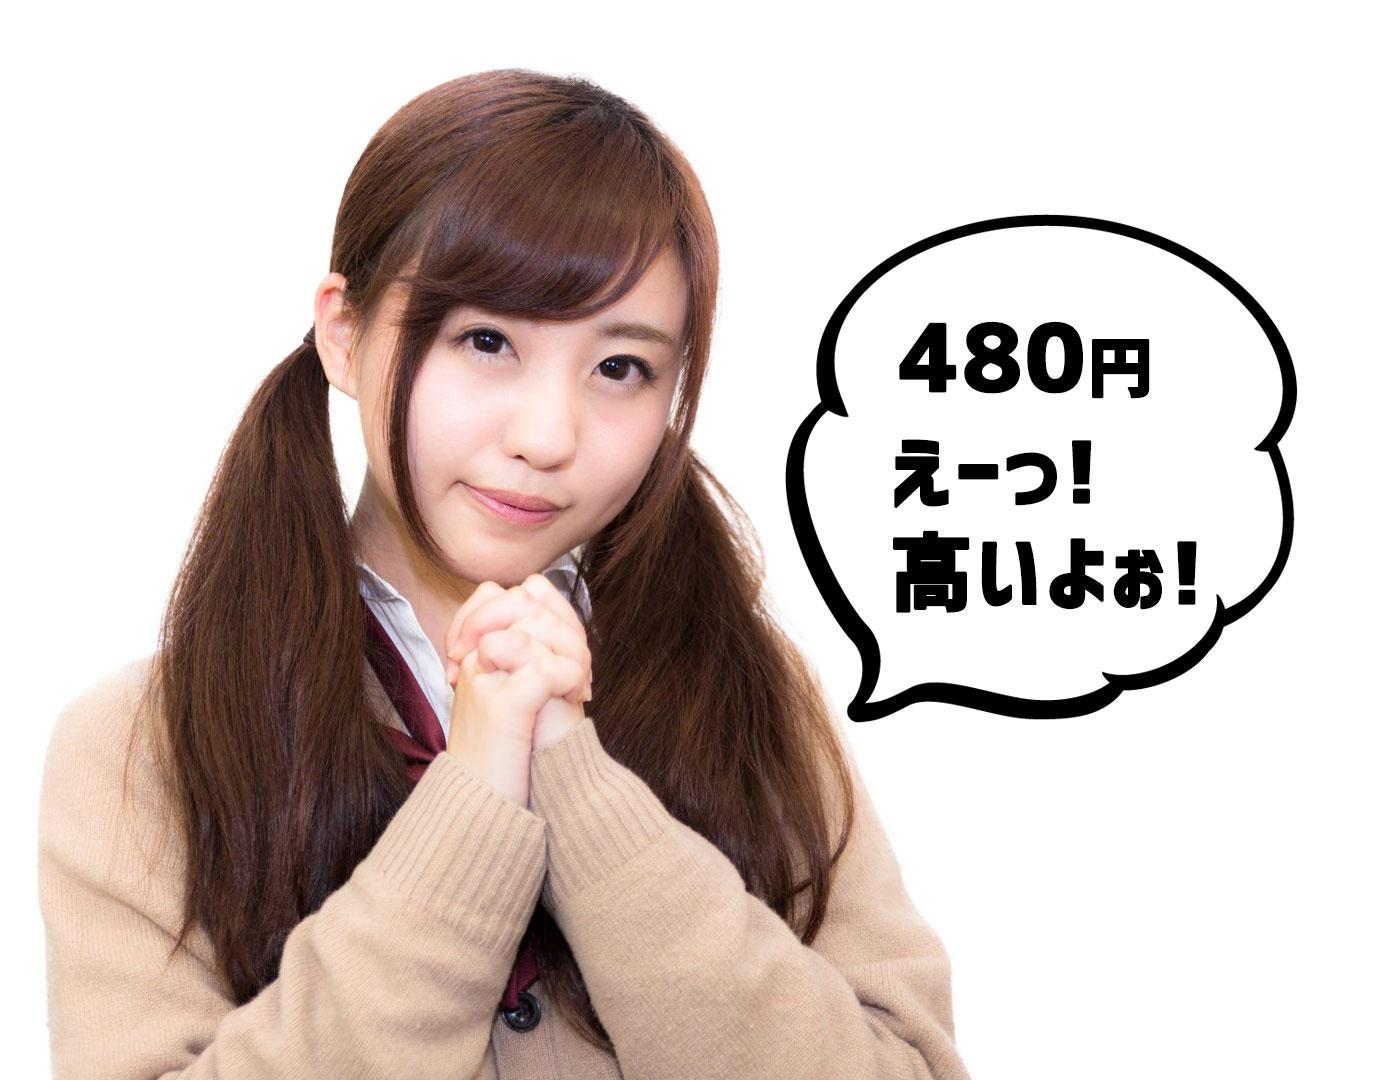 女子高校生が「480円。えーっ!高いよぉ!」